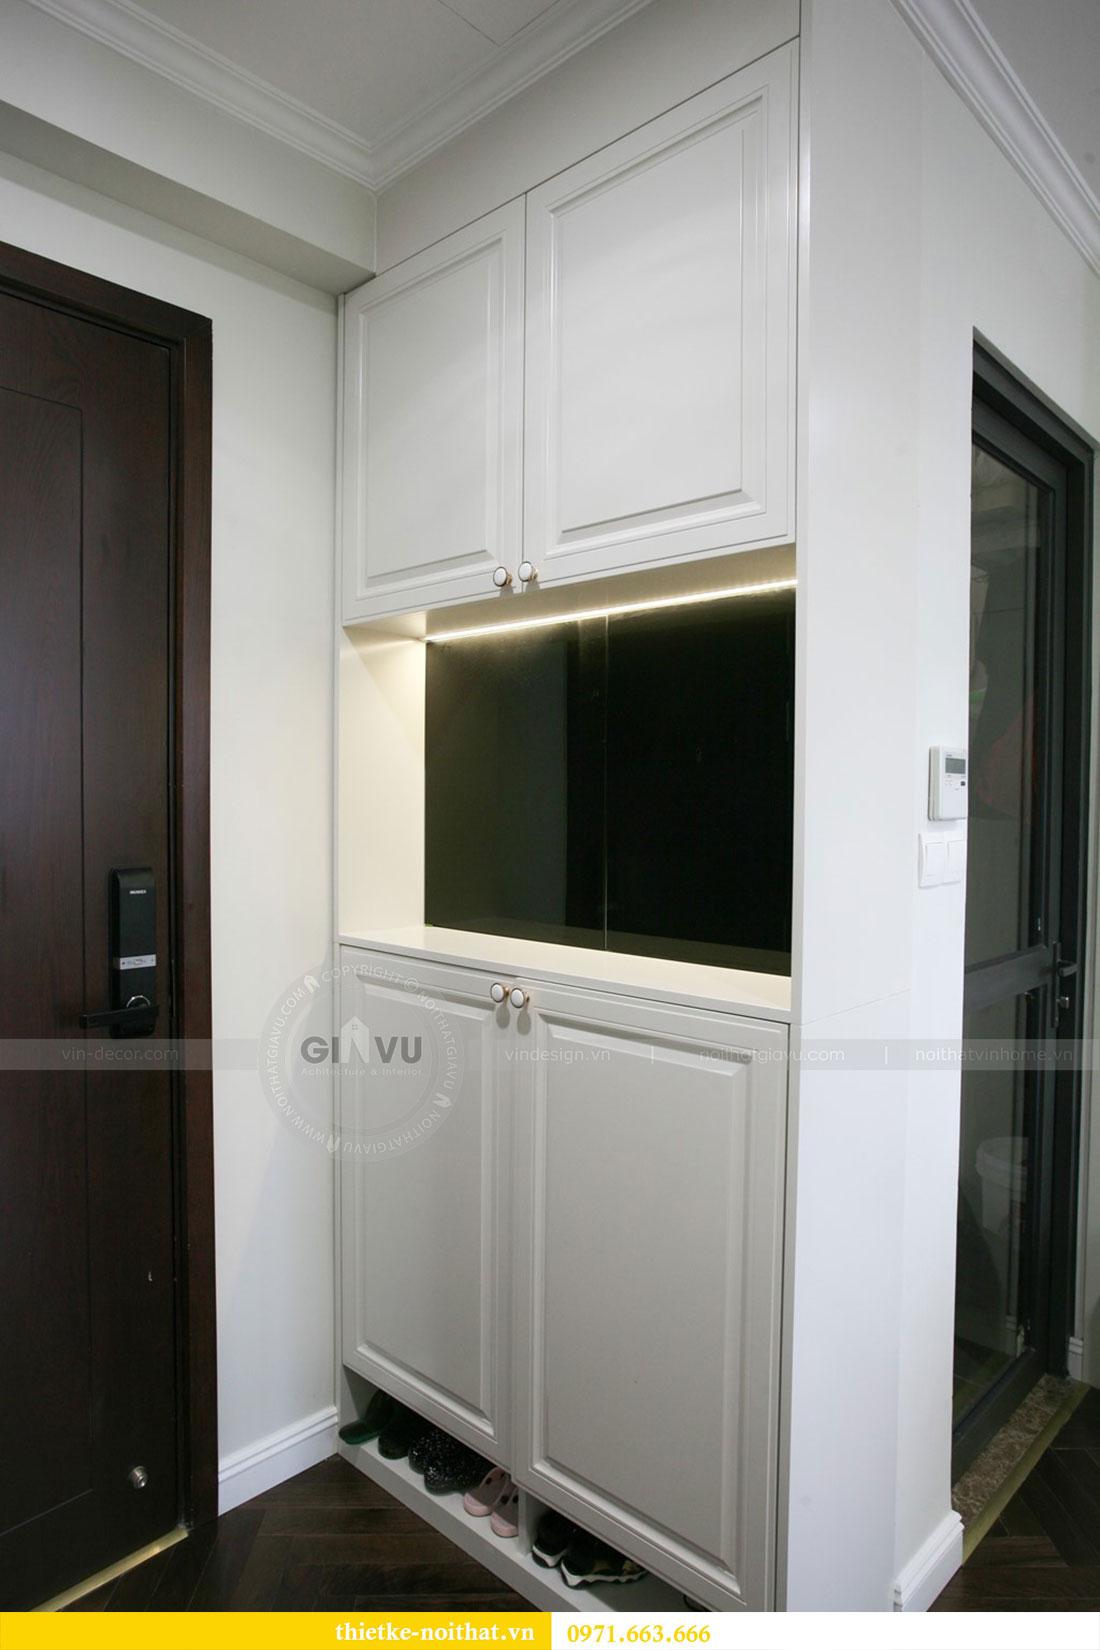 Hoàn thiện nội thất tại chung cư Dcapitale tòa C1 căn 11 - anh Thọ 1